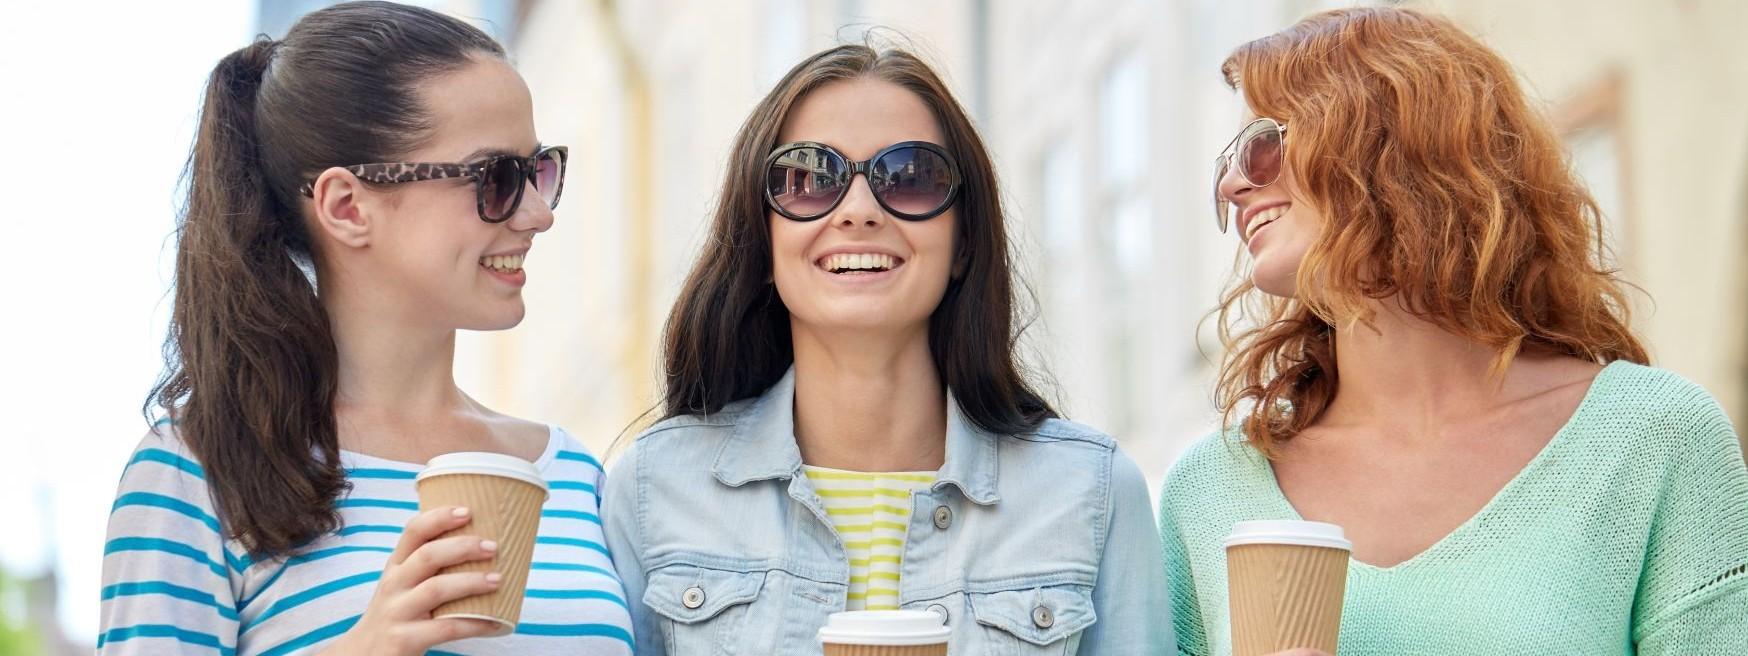 Drei junge Frauen laufen durch eine Stadt. Sie tragen Sonnenbrillen und trinken Kaffe-to-go. Alle lachen ausgiebig.